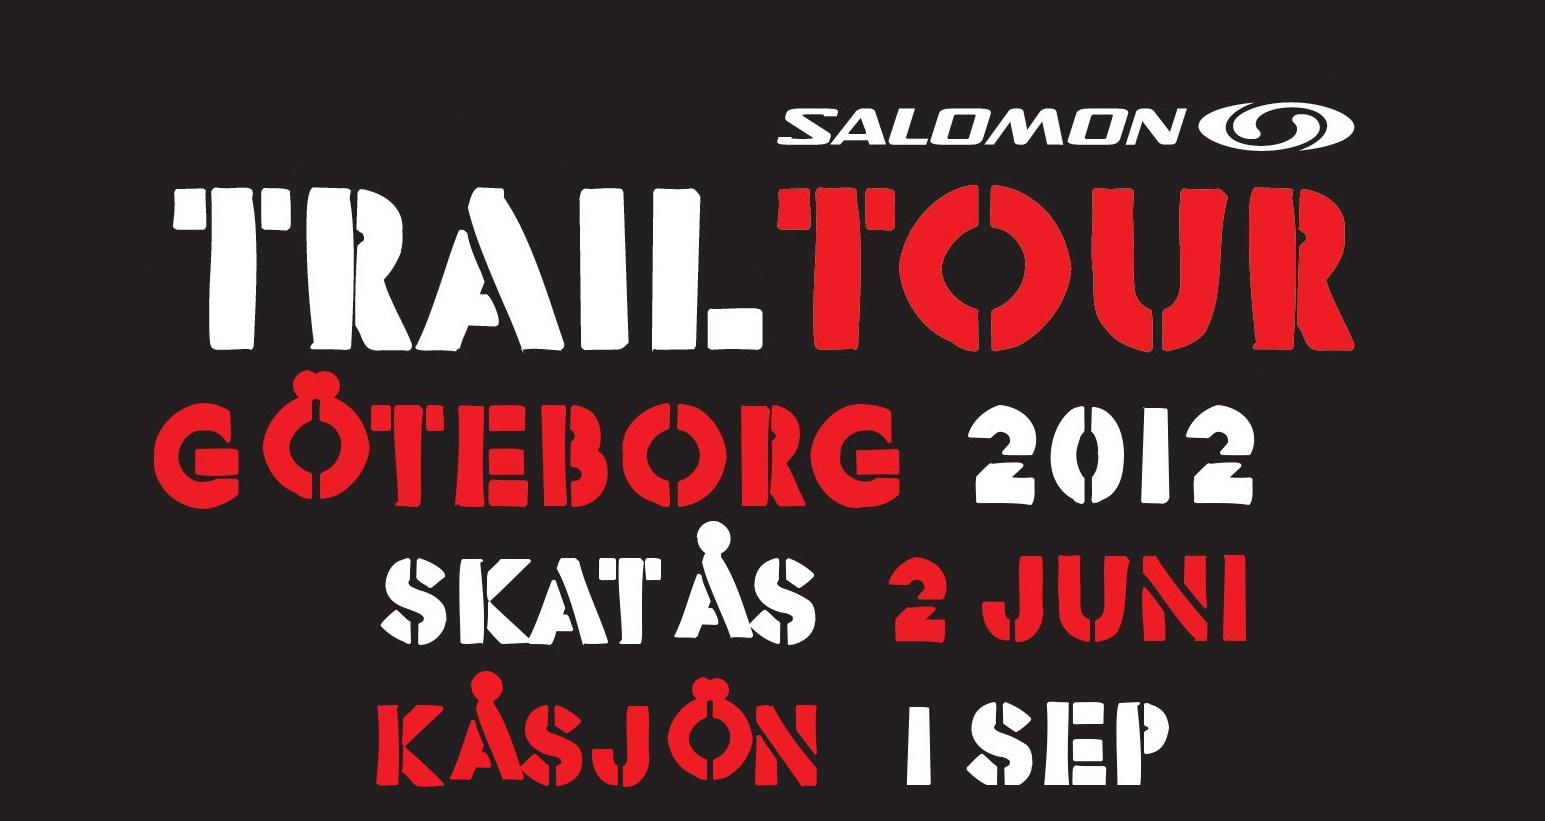 salomon_trailtour_goteborg_2012